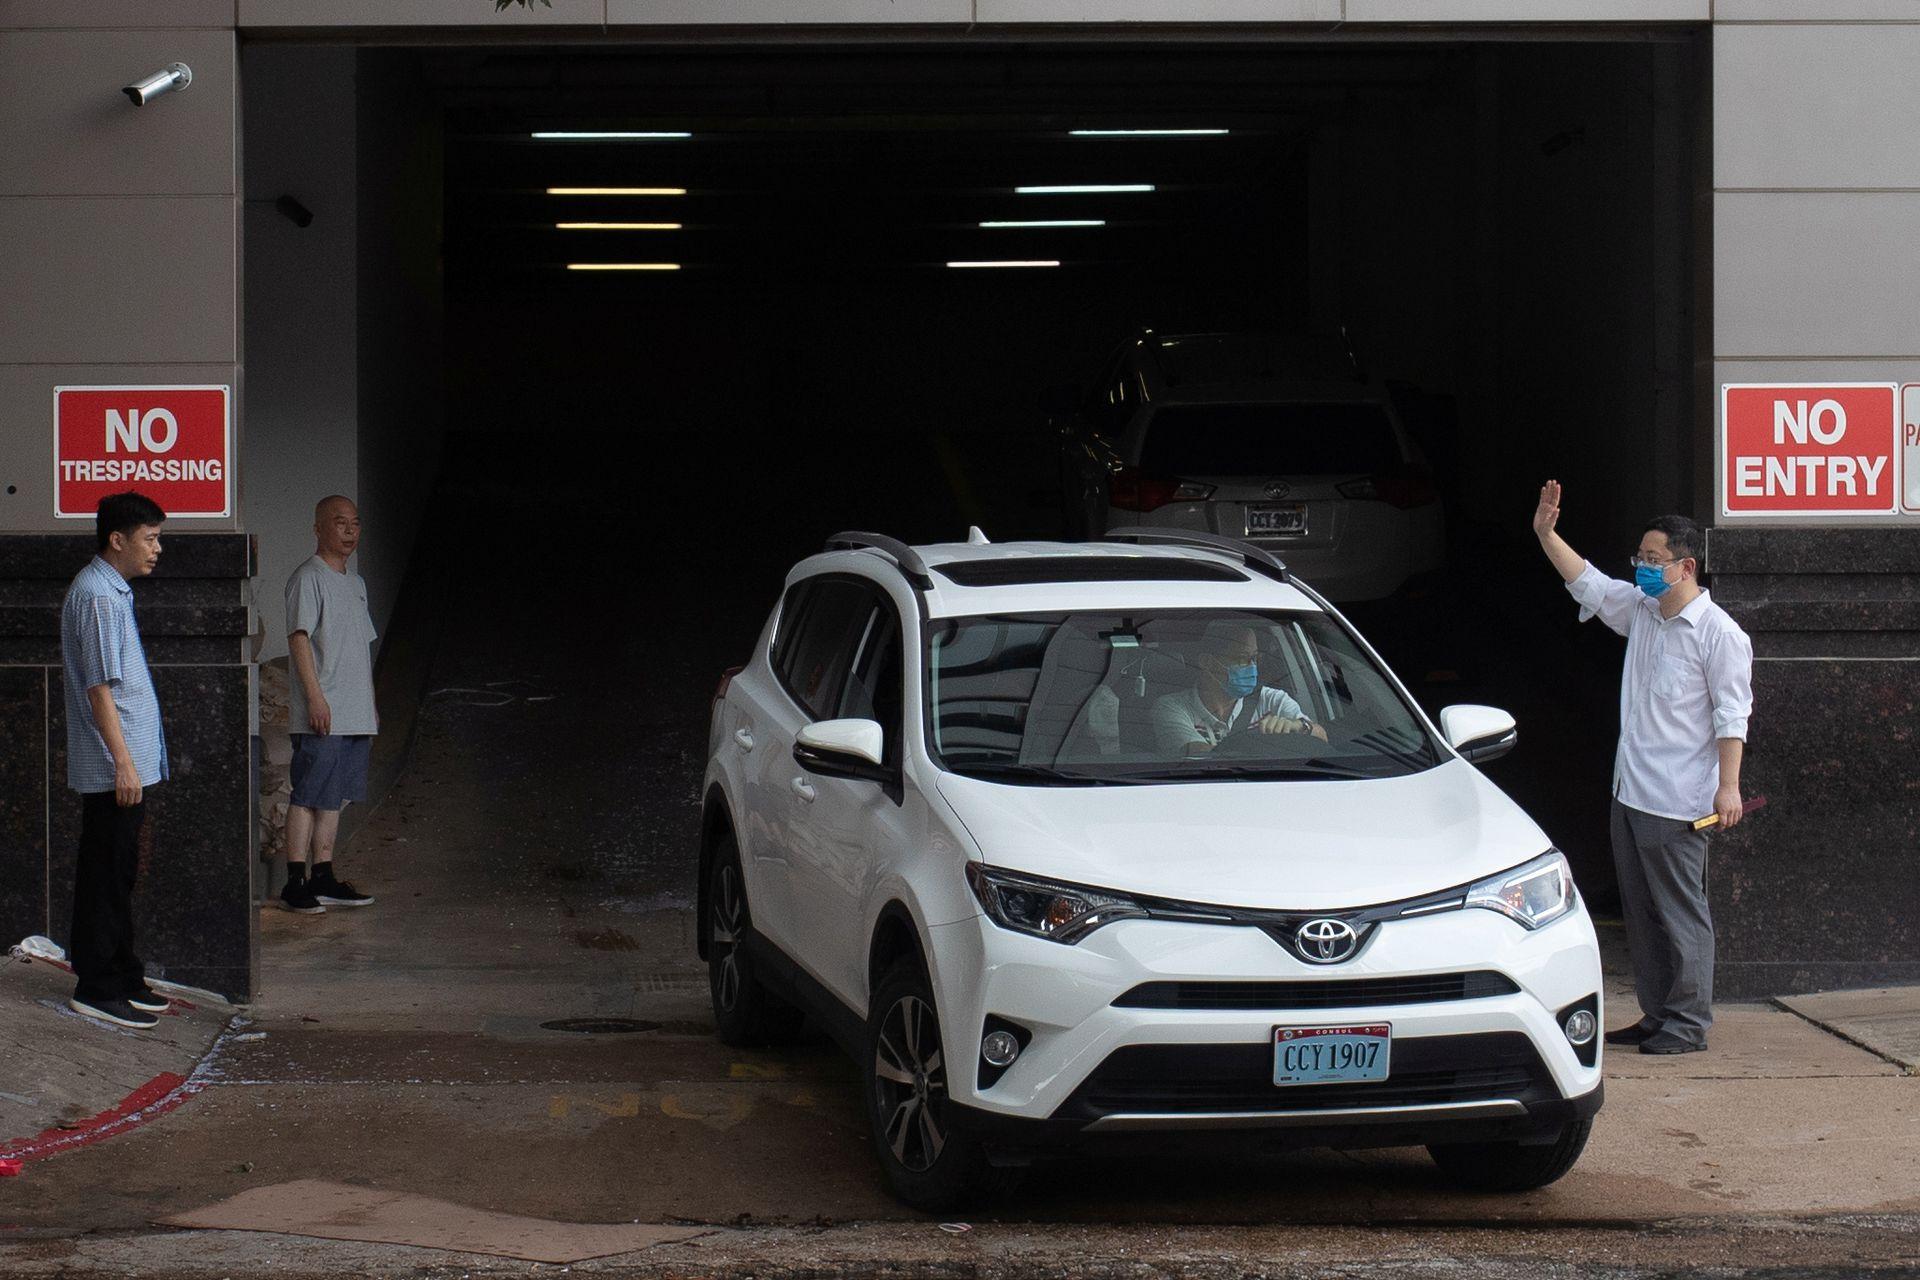 中国驻休斯敦总领馆关闭前,中国官员向即将离去的工作人员挥手致意。(Reuters)